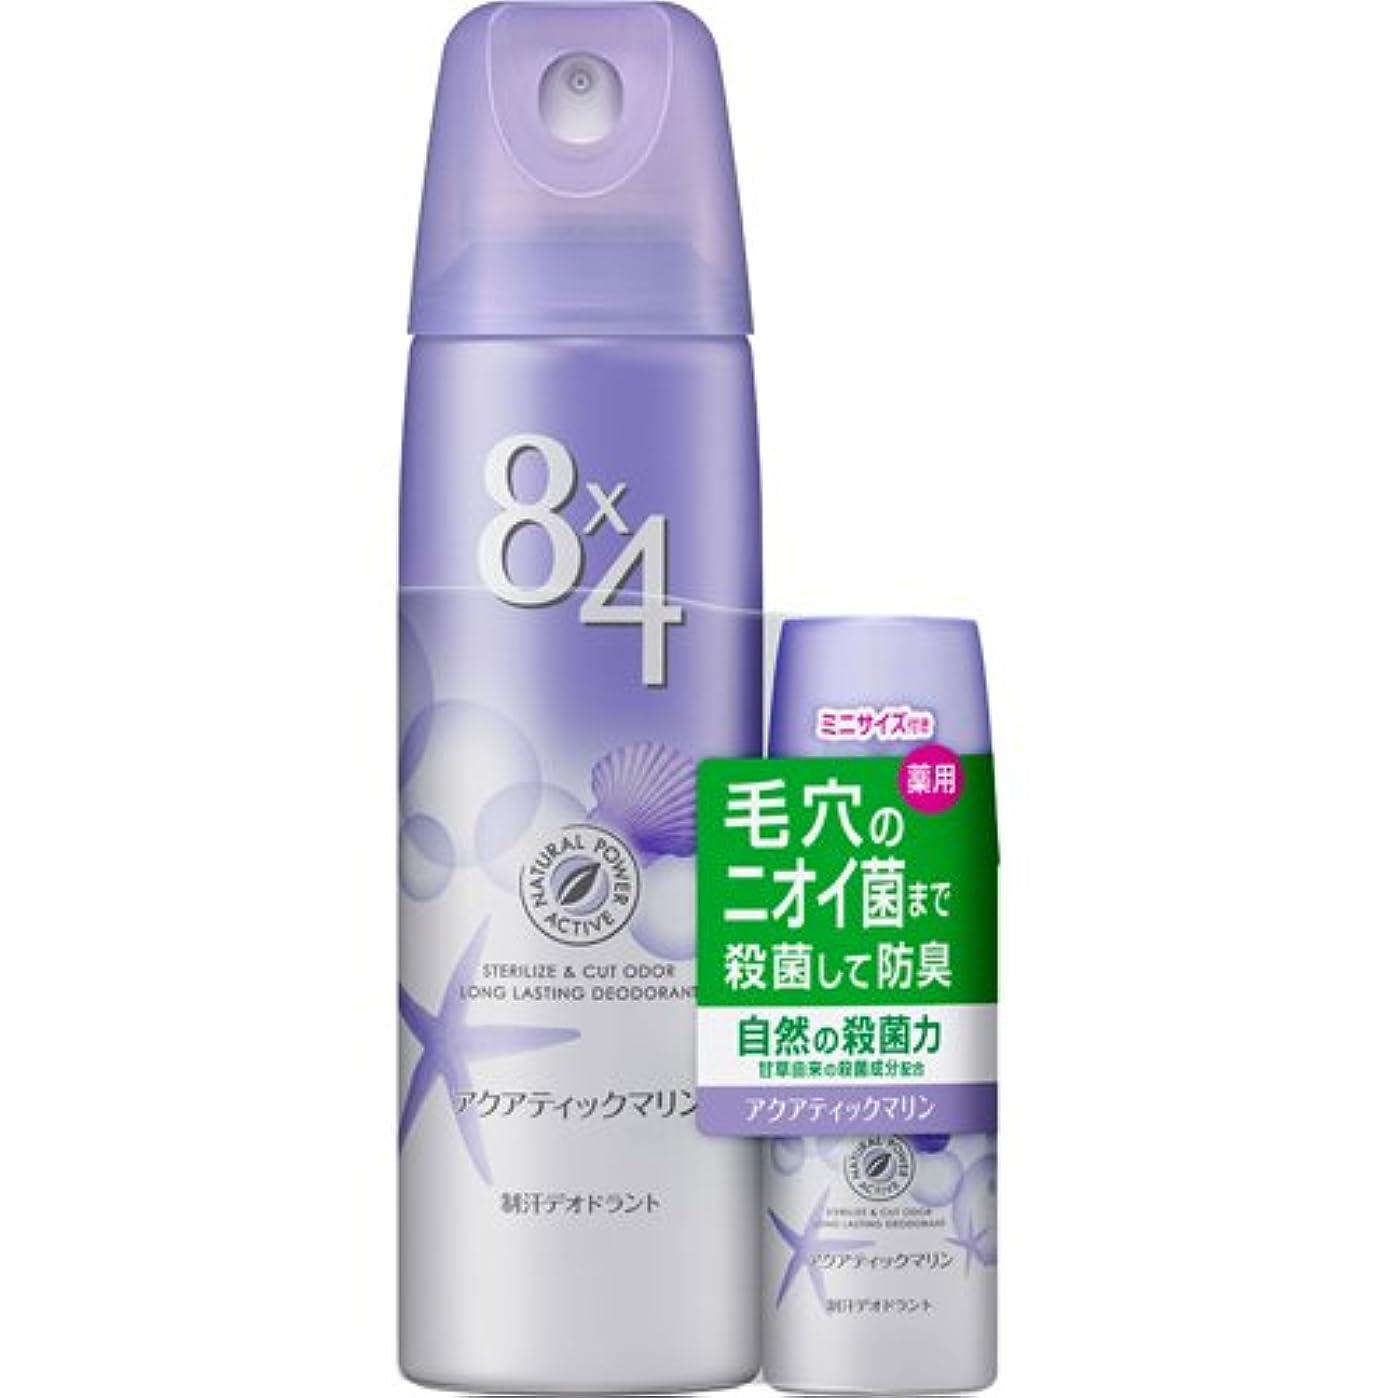 自分のために最大の夕暮れ【数量限定】8x4(エイトフォー) パウダースプレー アクアティックマリンの香り 150g+30g